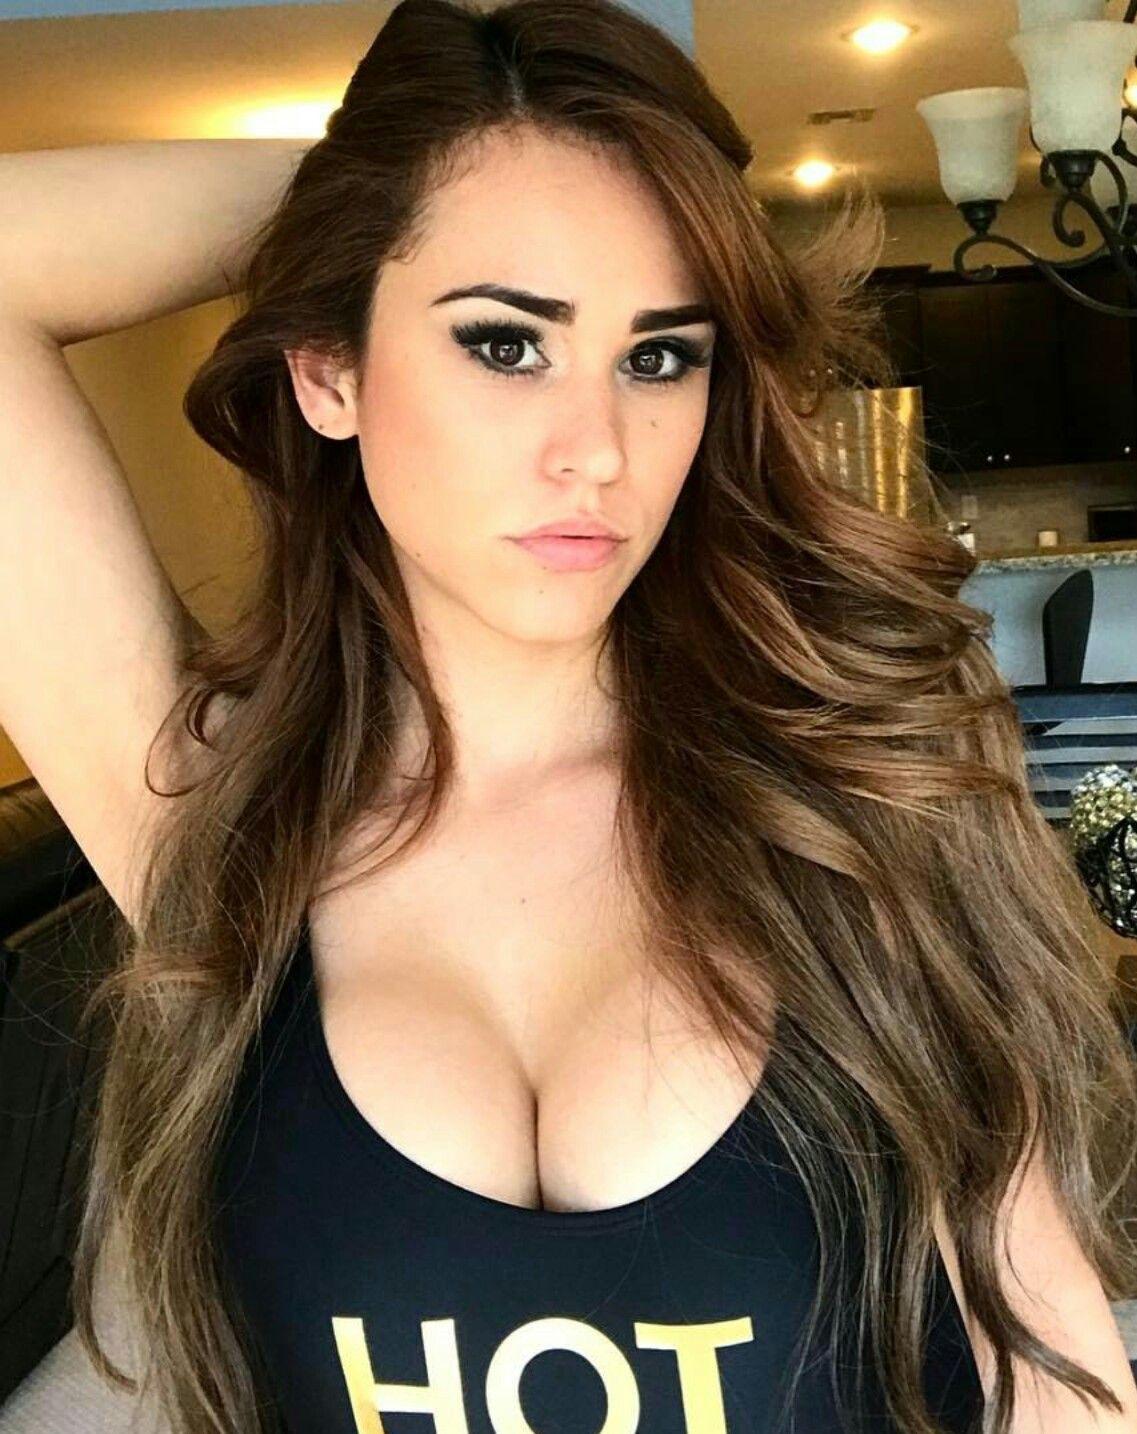 Yanet garcia sexy boobs